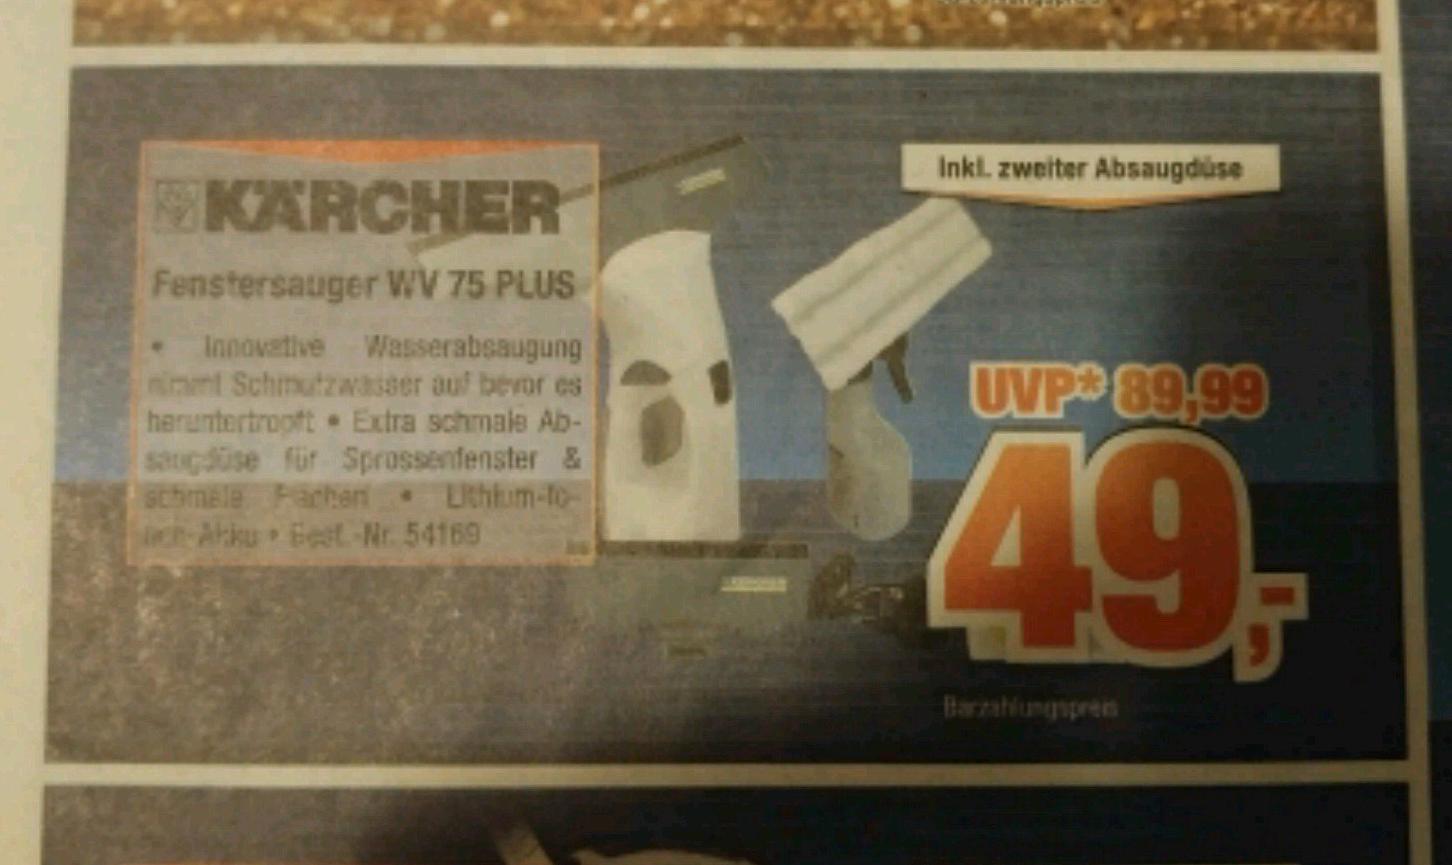 Kärcher WV 75 plus @Expert Bening